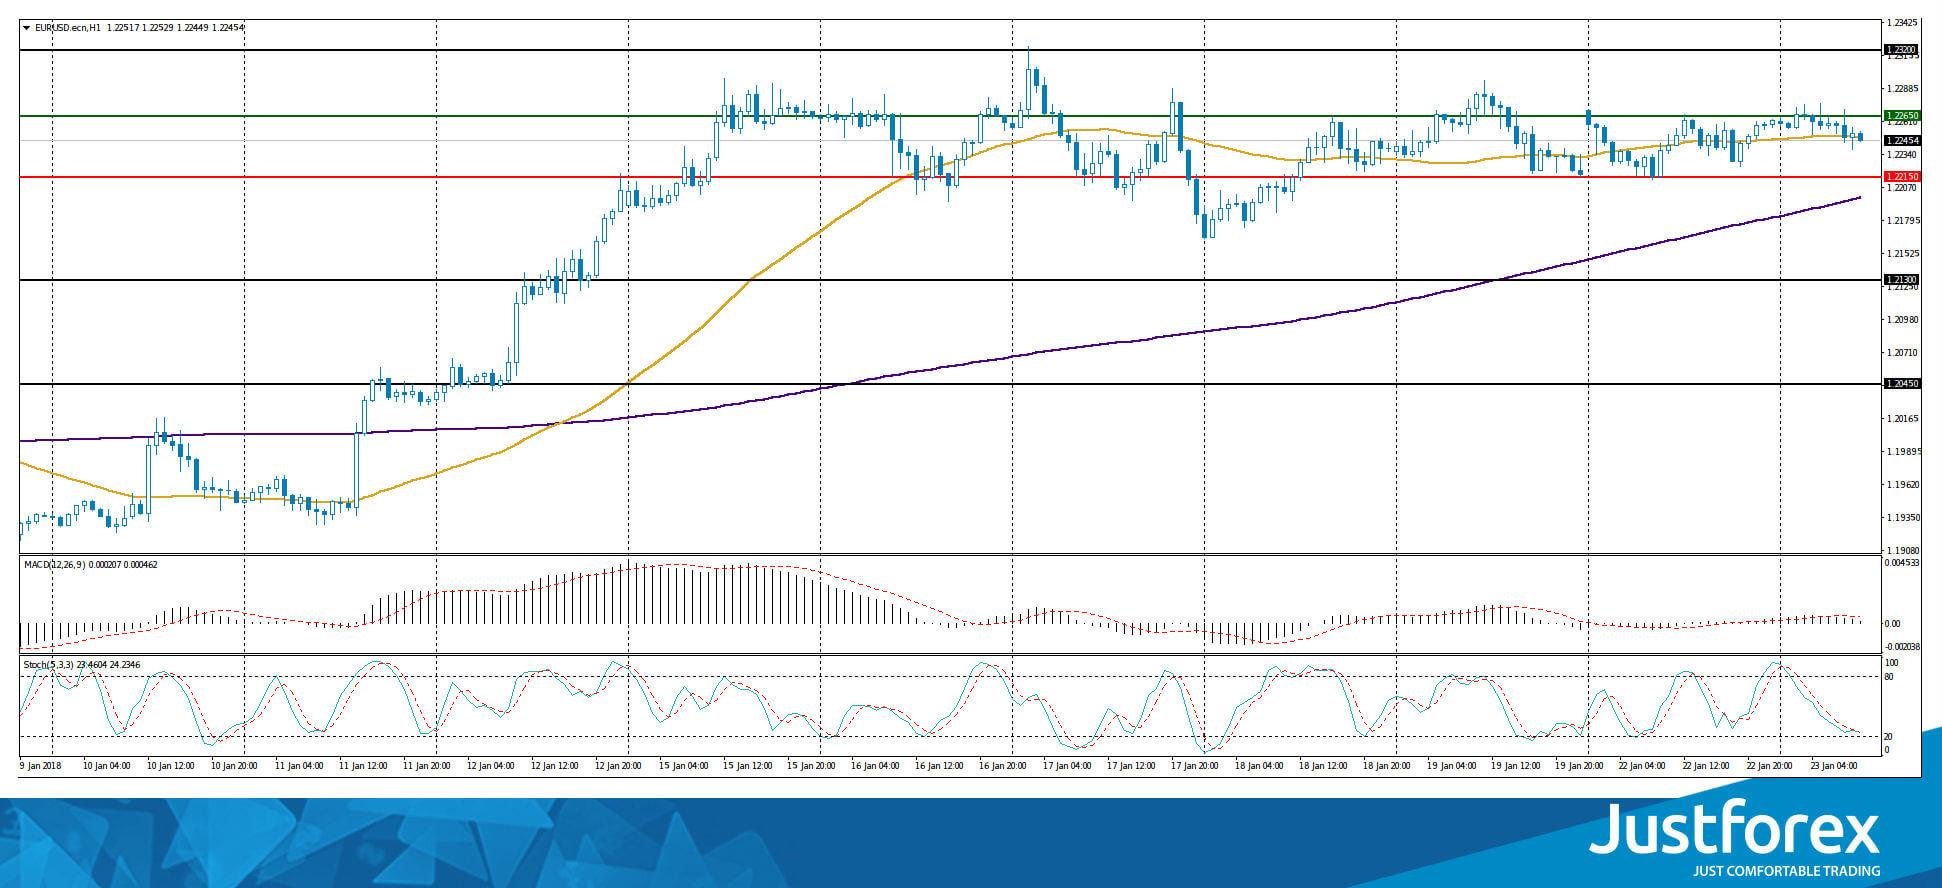 Прогноз форекс на 21.09.2015 график курса нефти брент